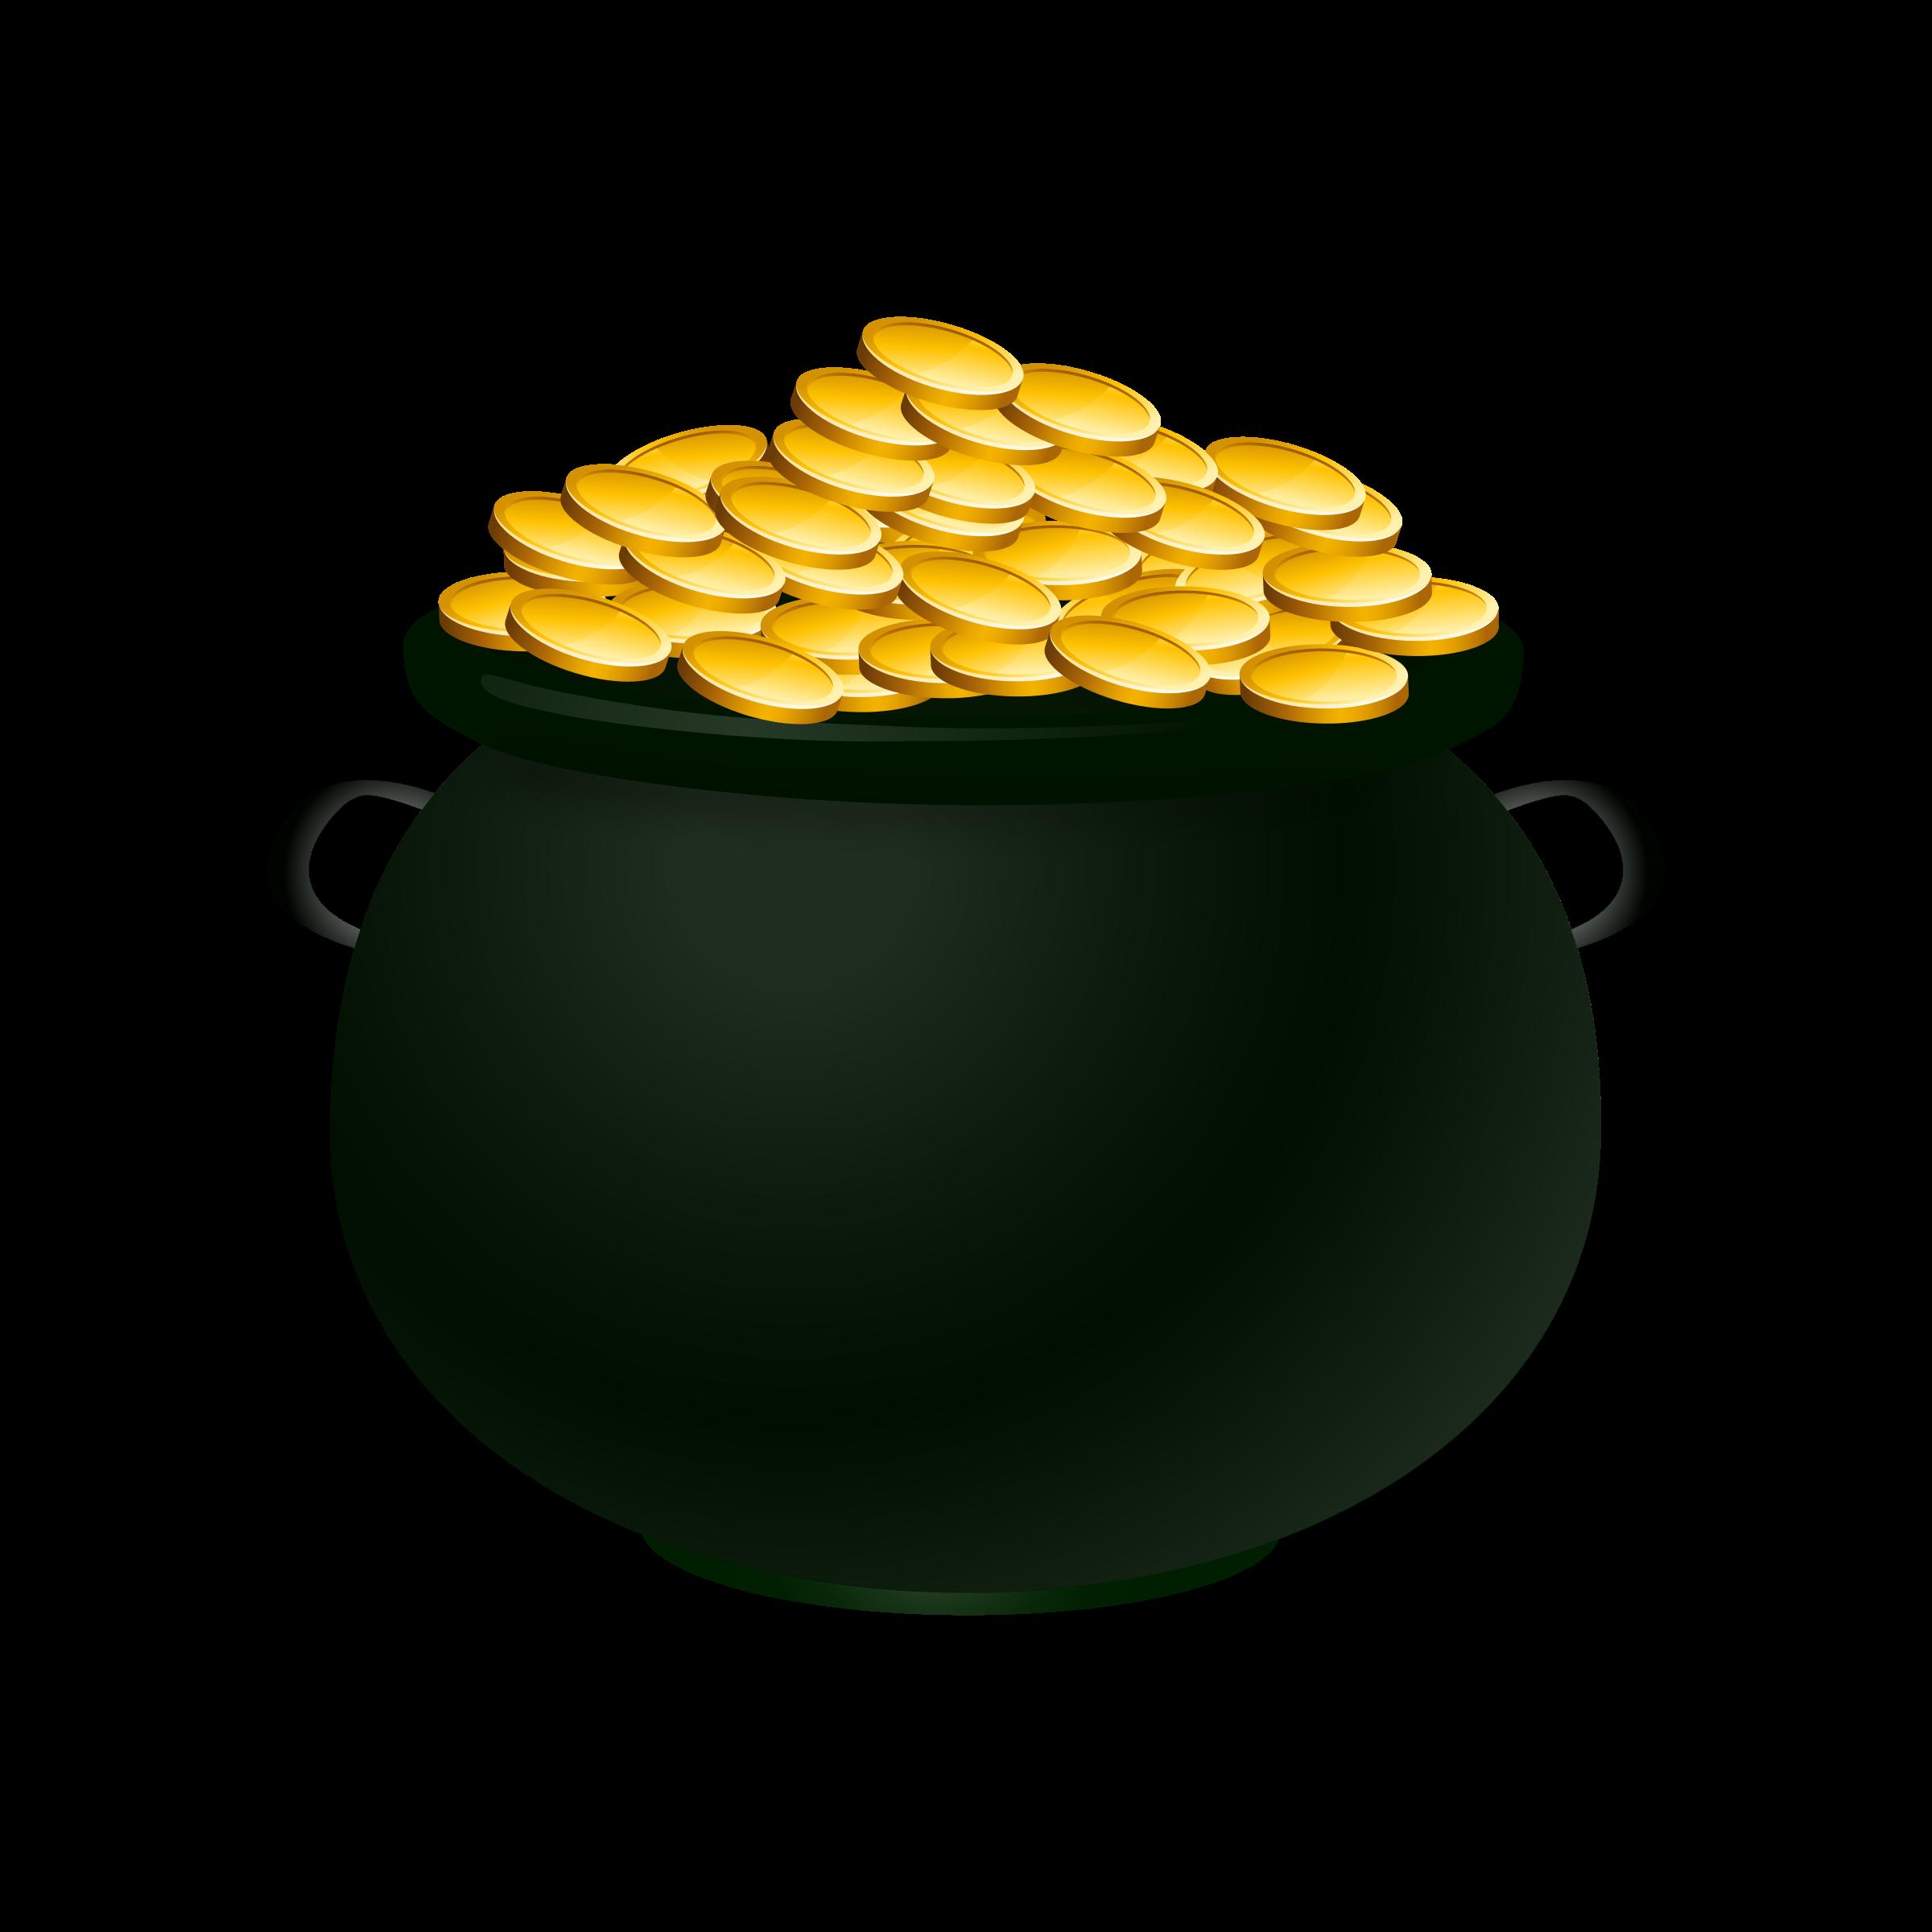 Pot Of Gold Clip Art